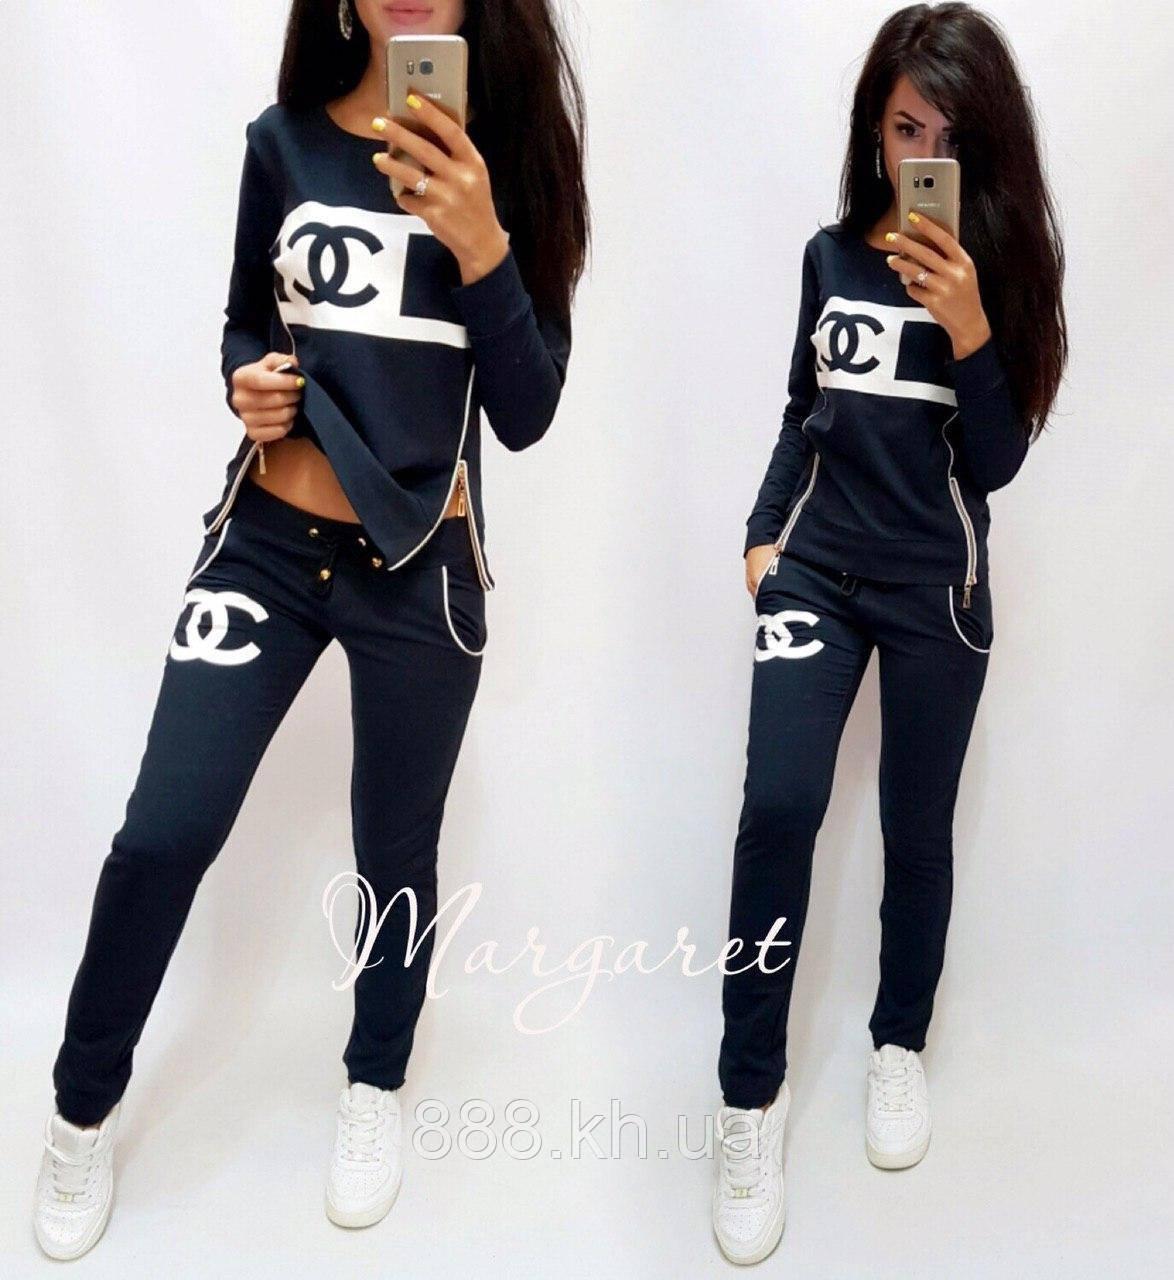 Женский спортивный костюм, Турецкий костюм для прогулок S/M/L/XL/2XL (темно-синий)